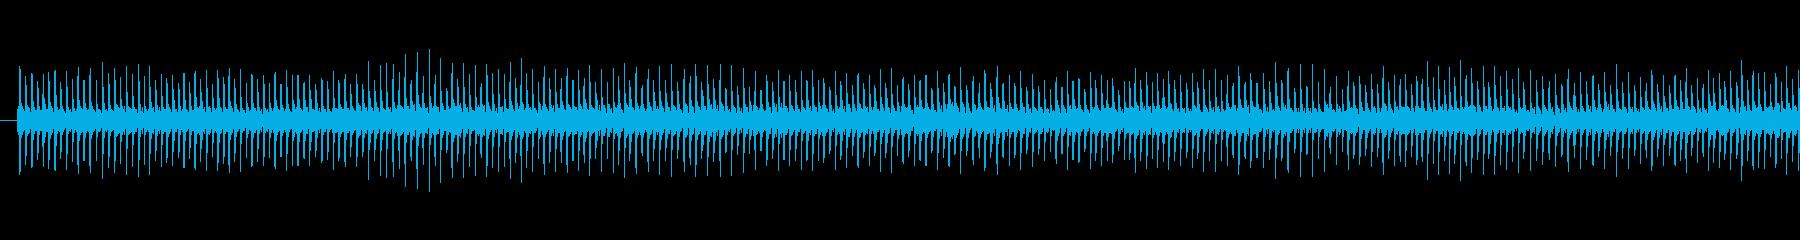 ジー(タイマー音)の再生済みの波形